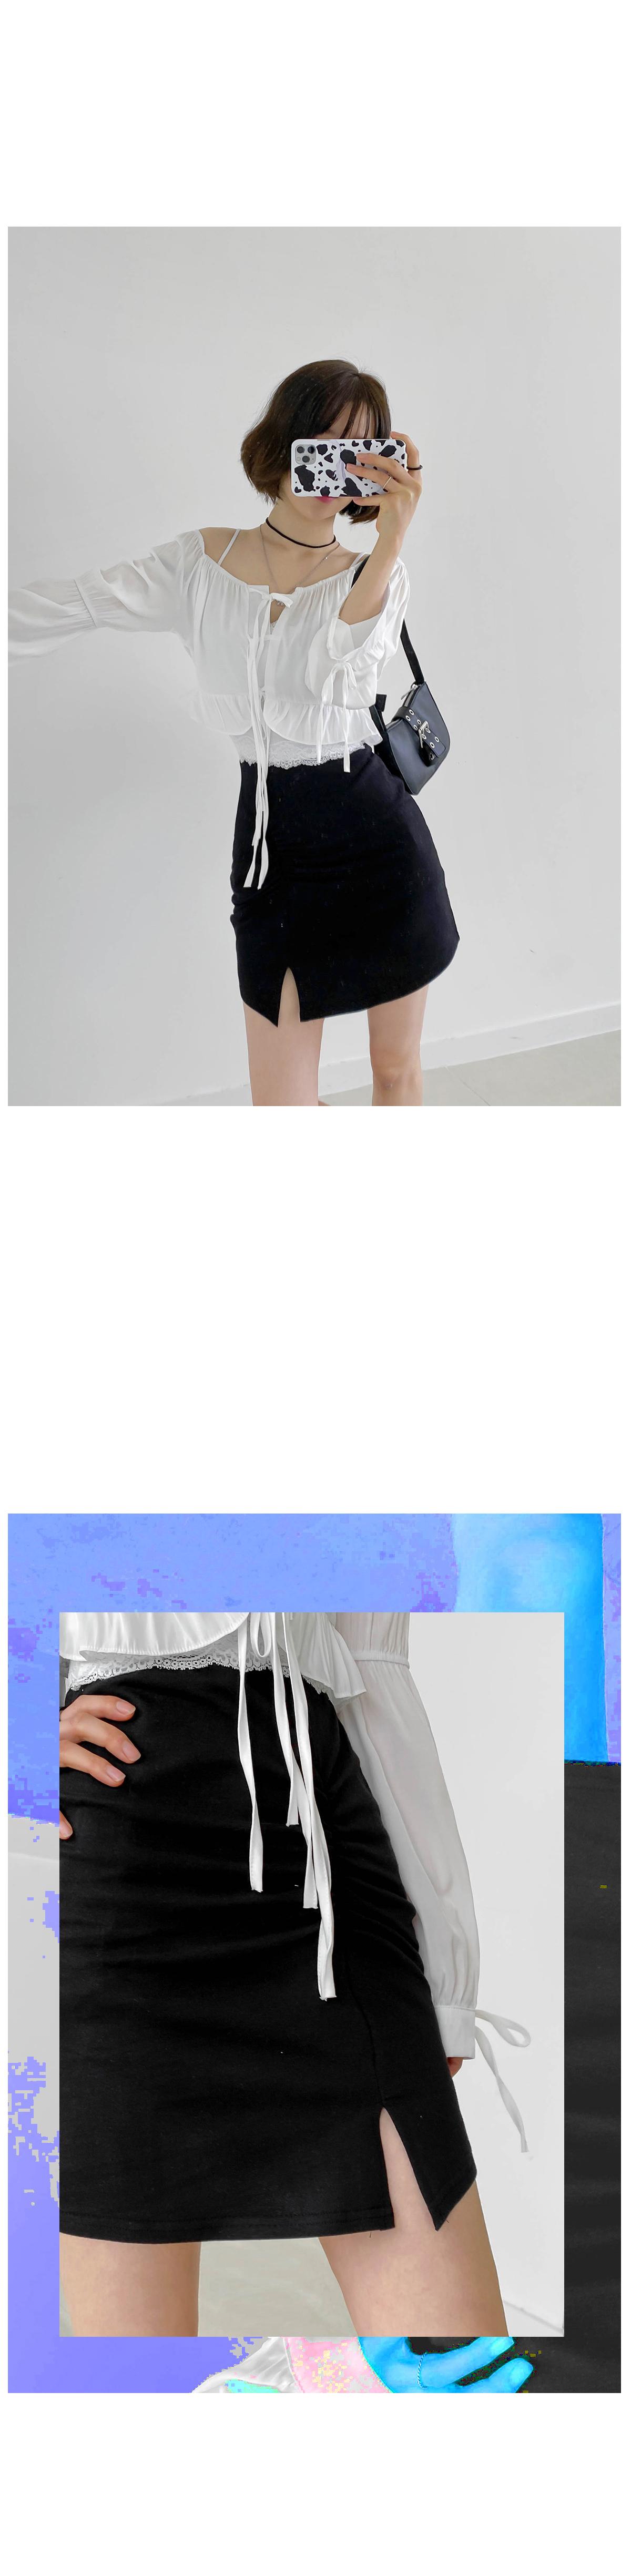 T-shirt opener mini skirt